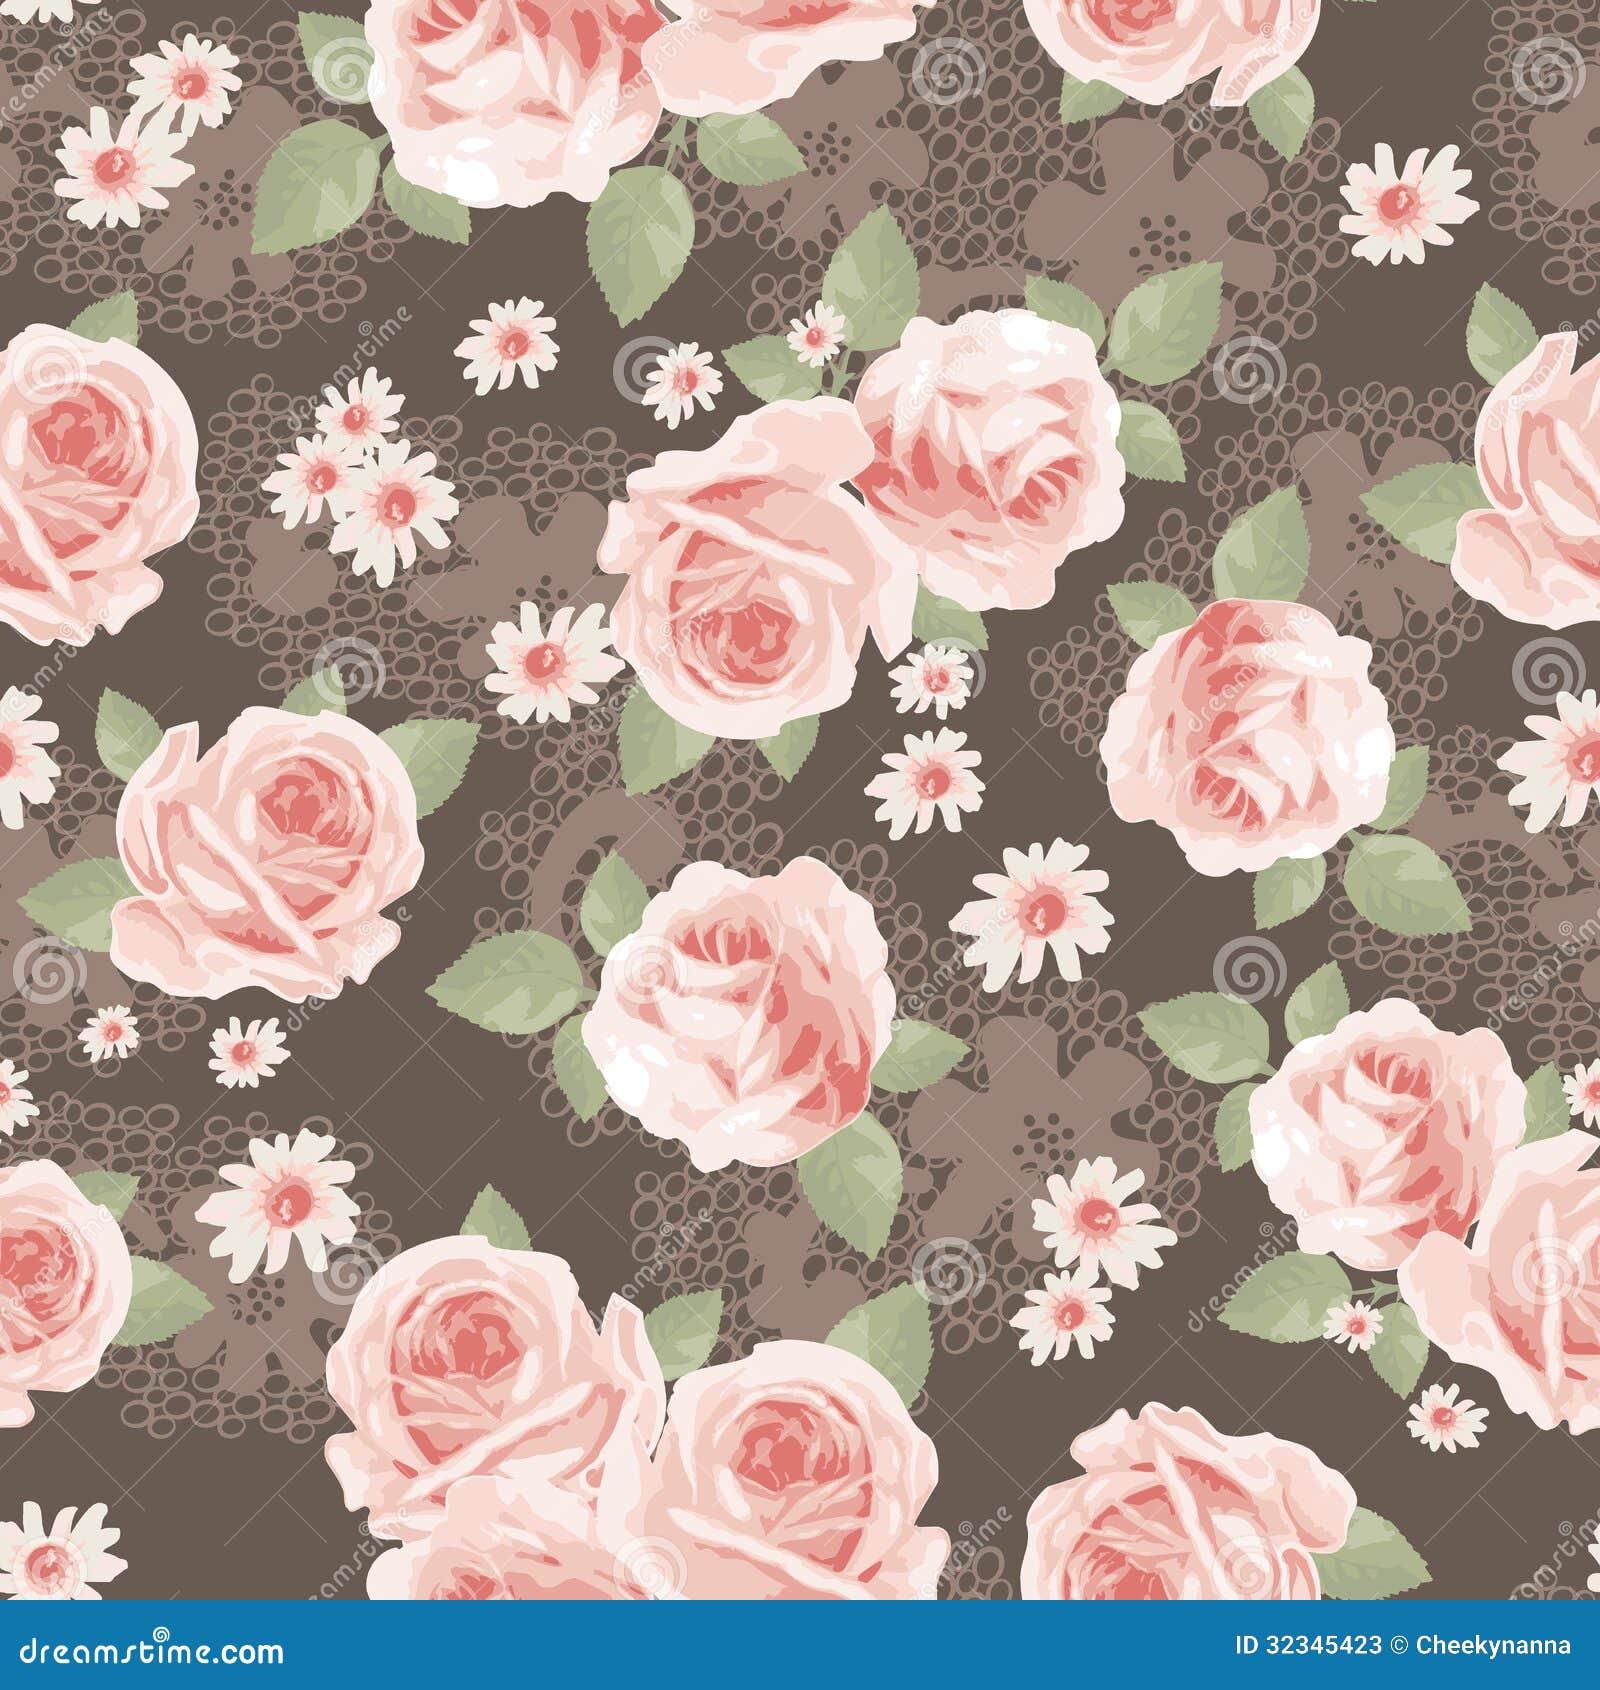 Фоны роз для скрапбукинга 11 фотография